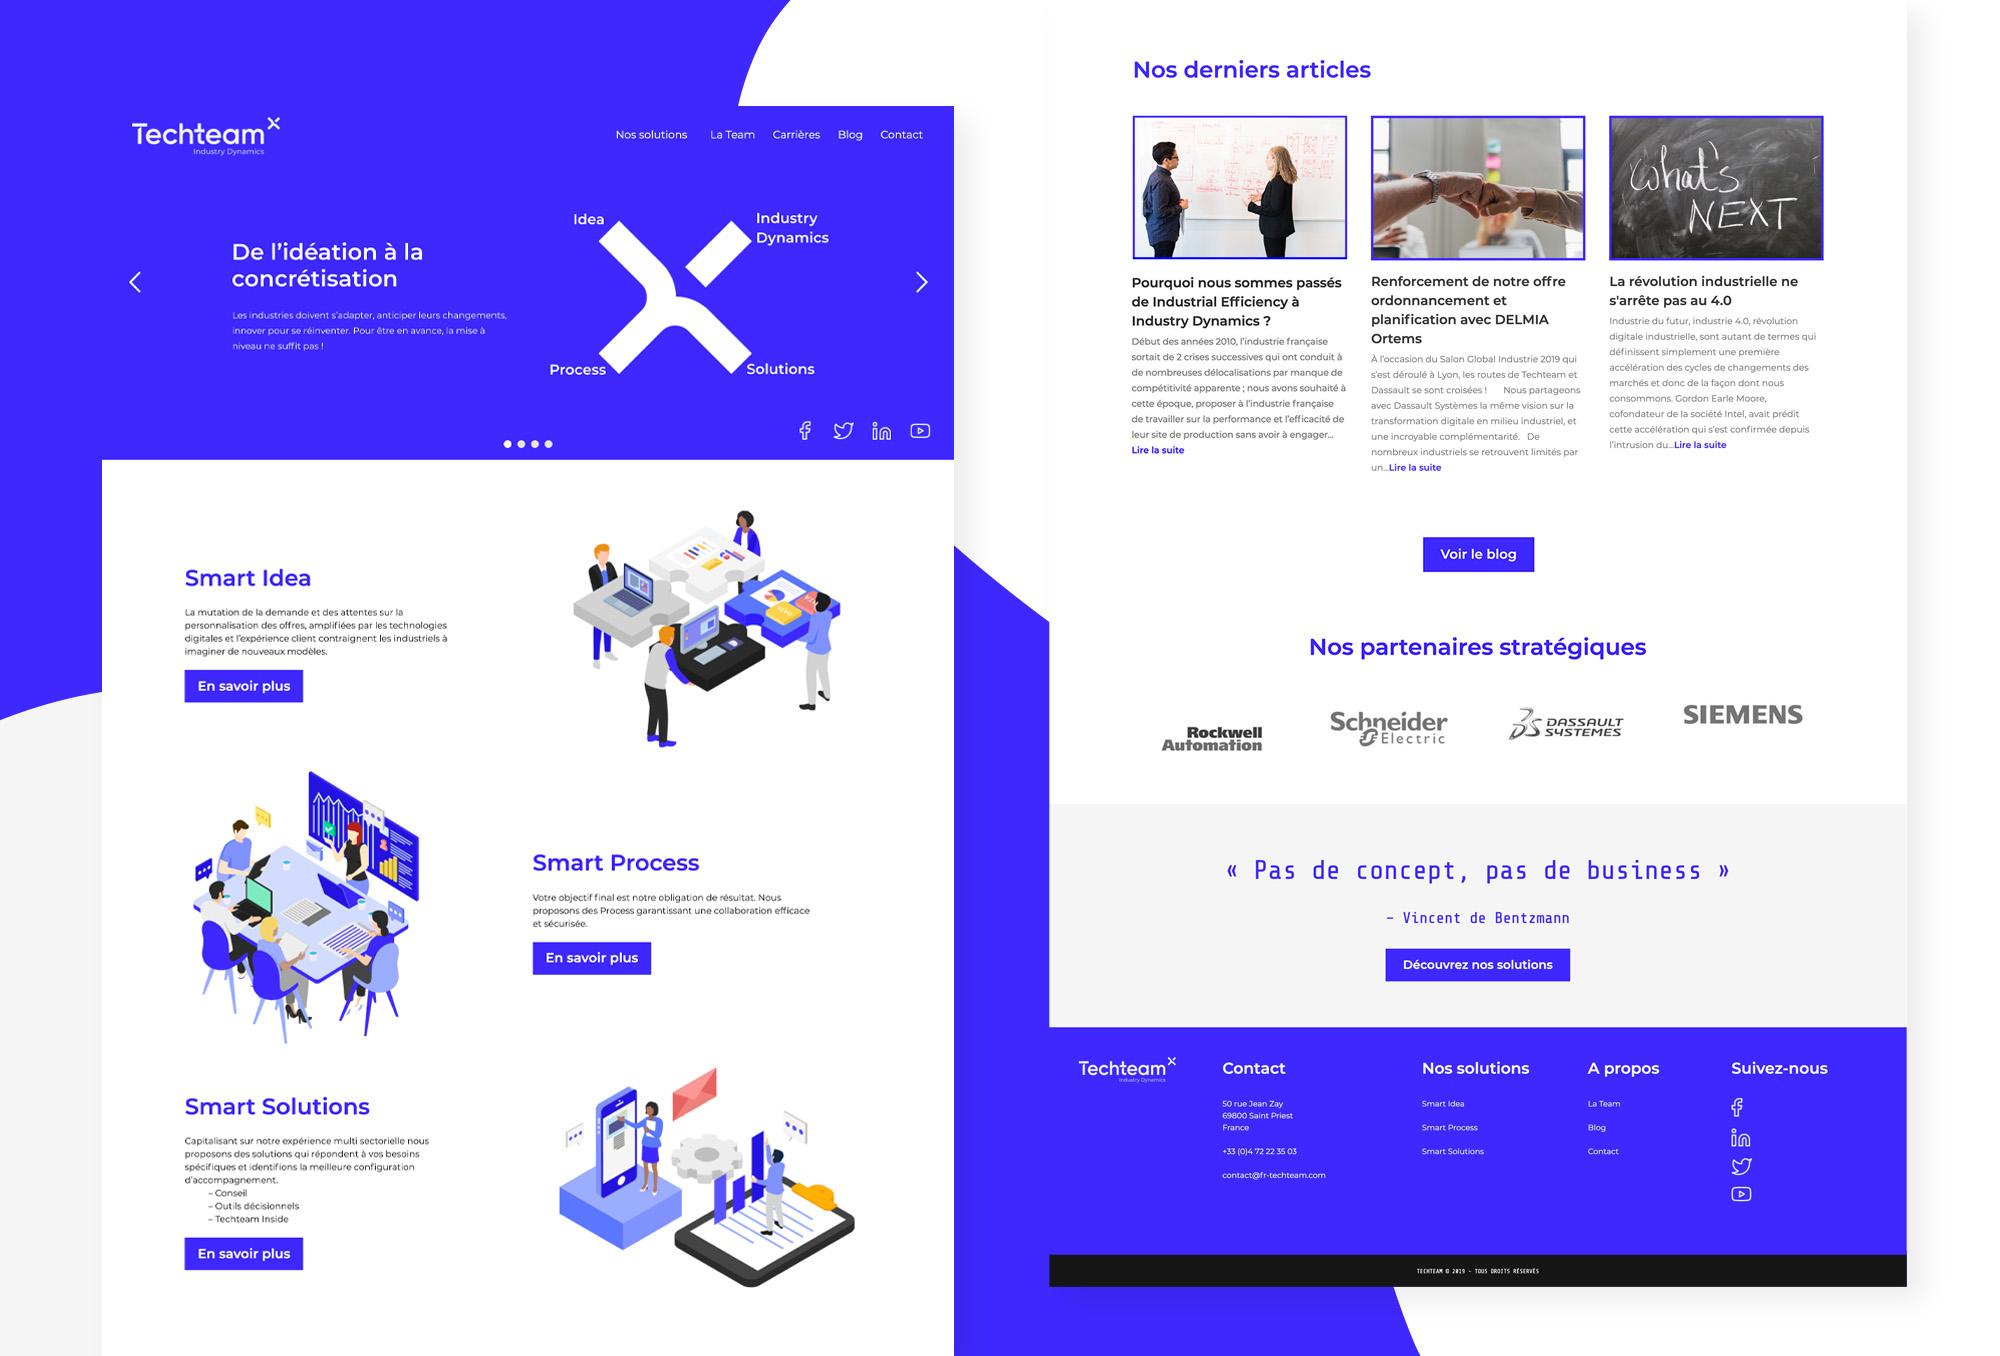 Nouveau site vitrine de Techteam